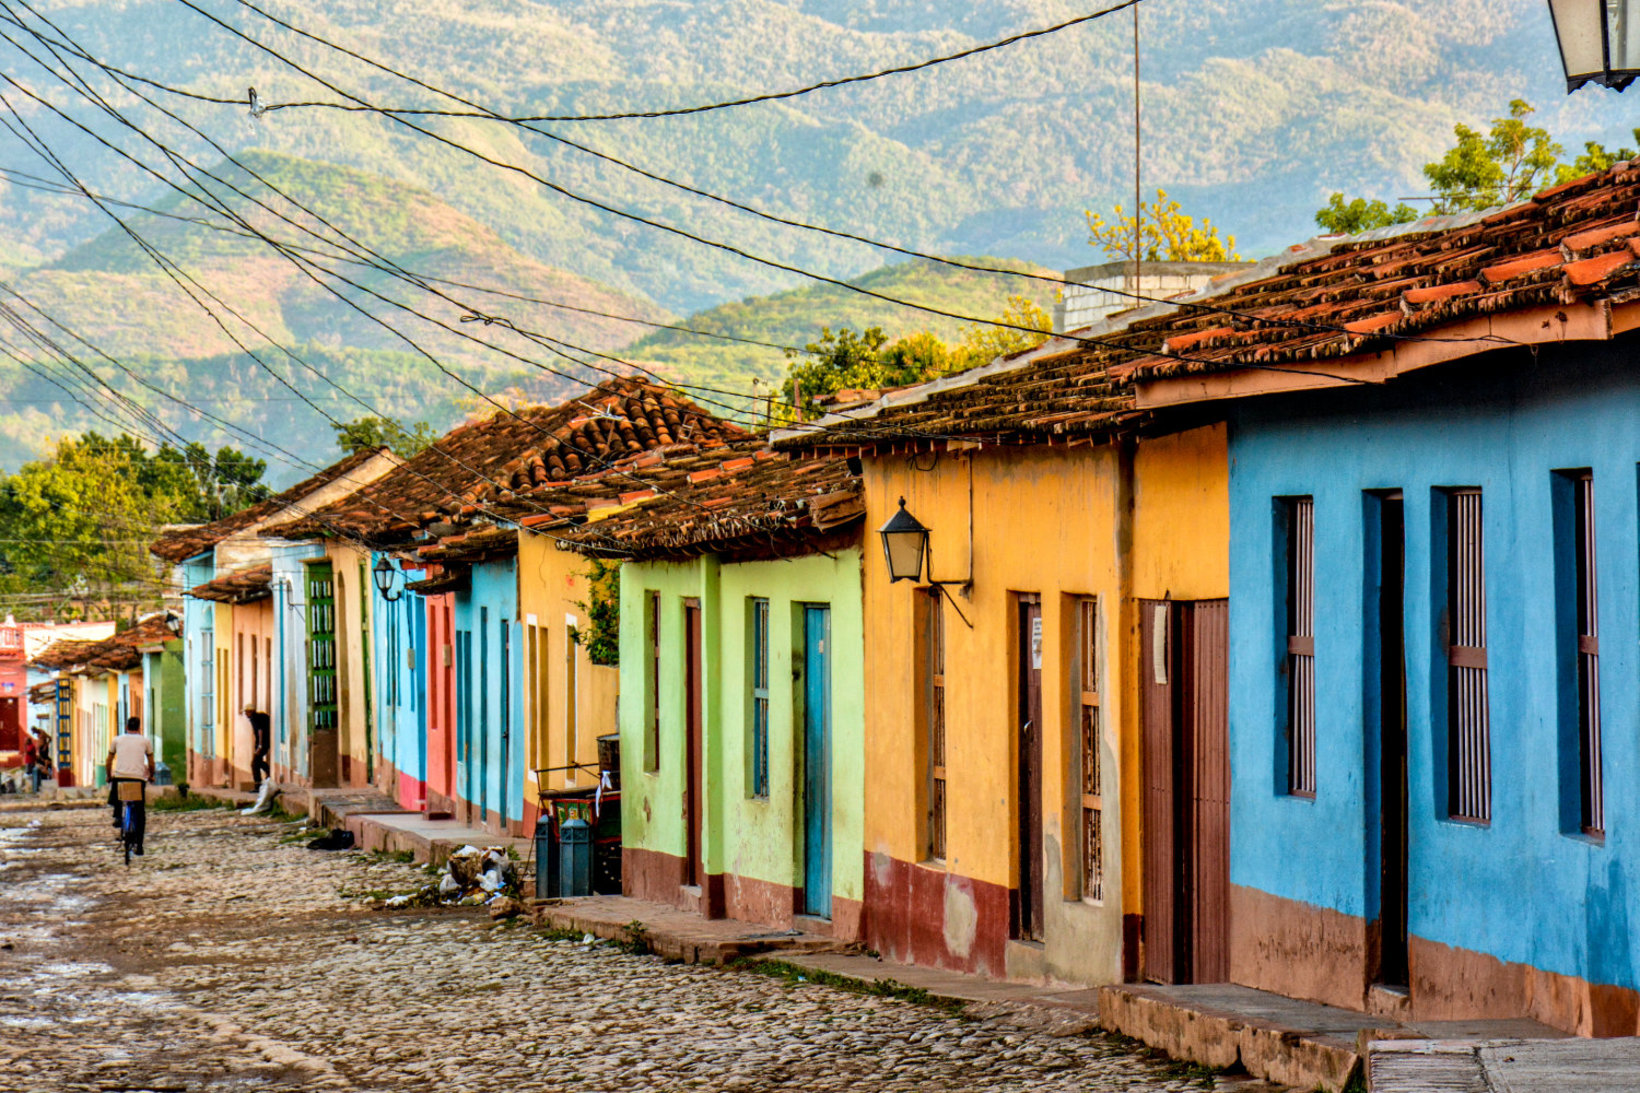 Perdez vous dans les couleurs de Trinidad